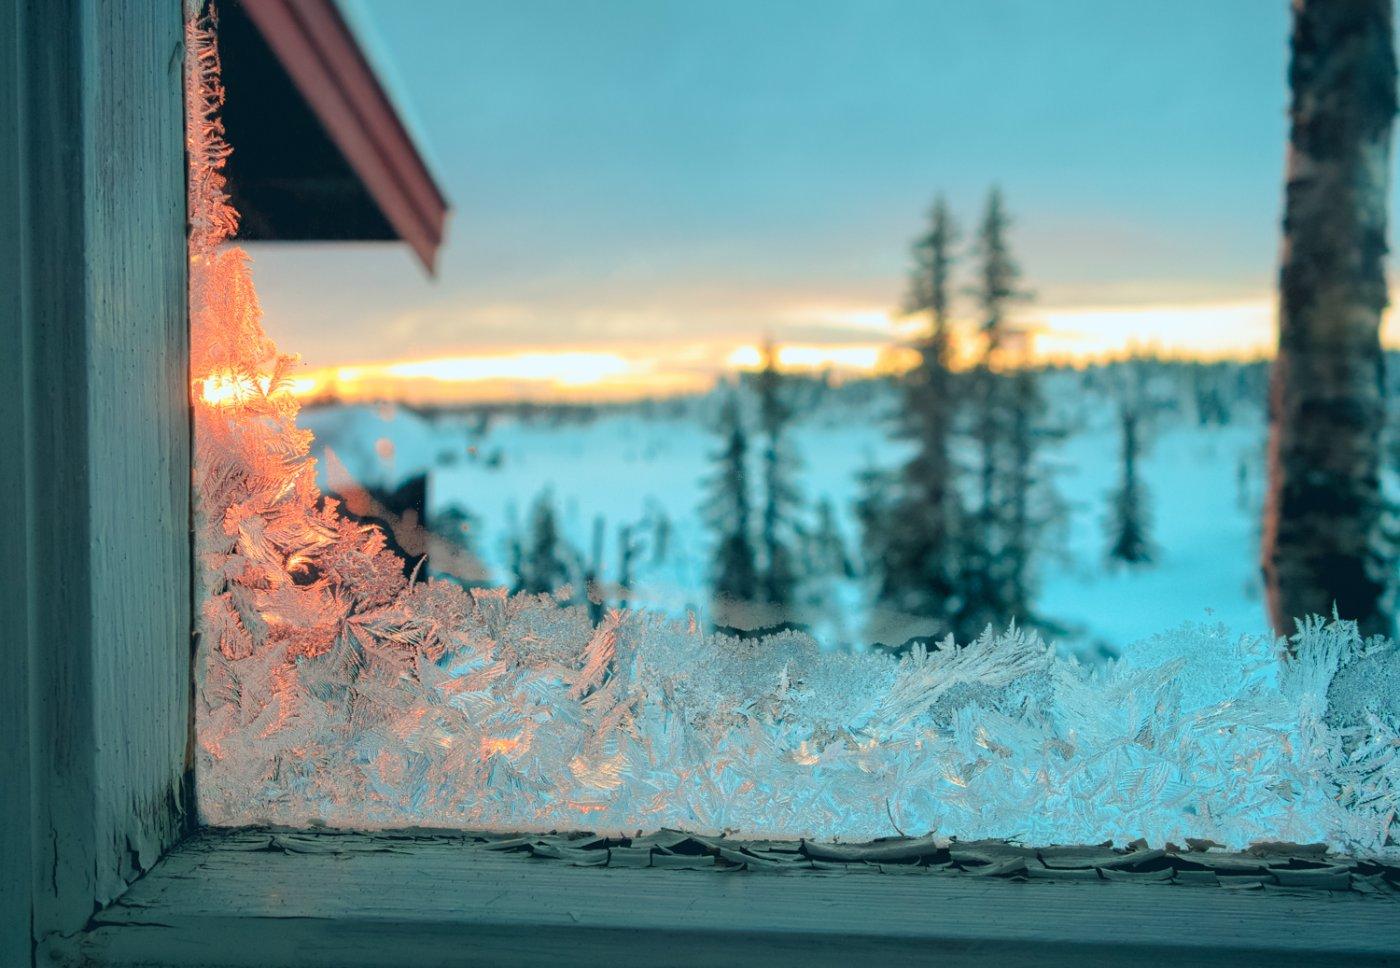 Ser gjennom et vindu med rim i kantene. På utsiden er det er det en vinterskog i solnedgang.